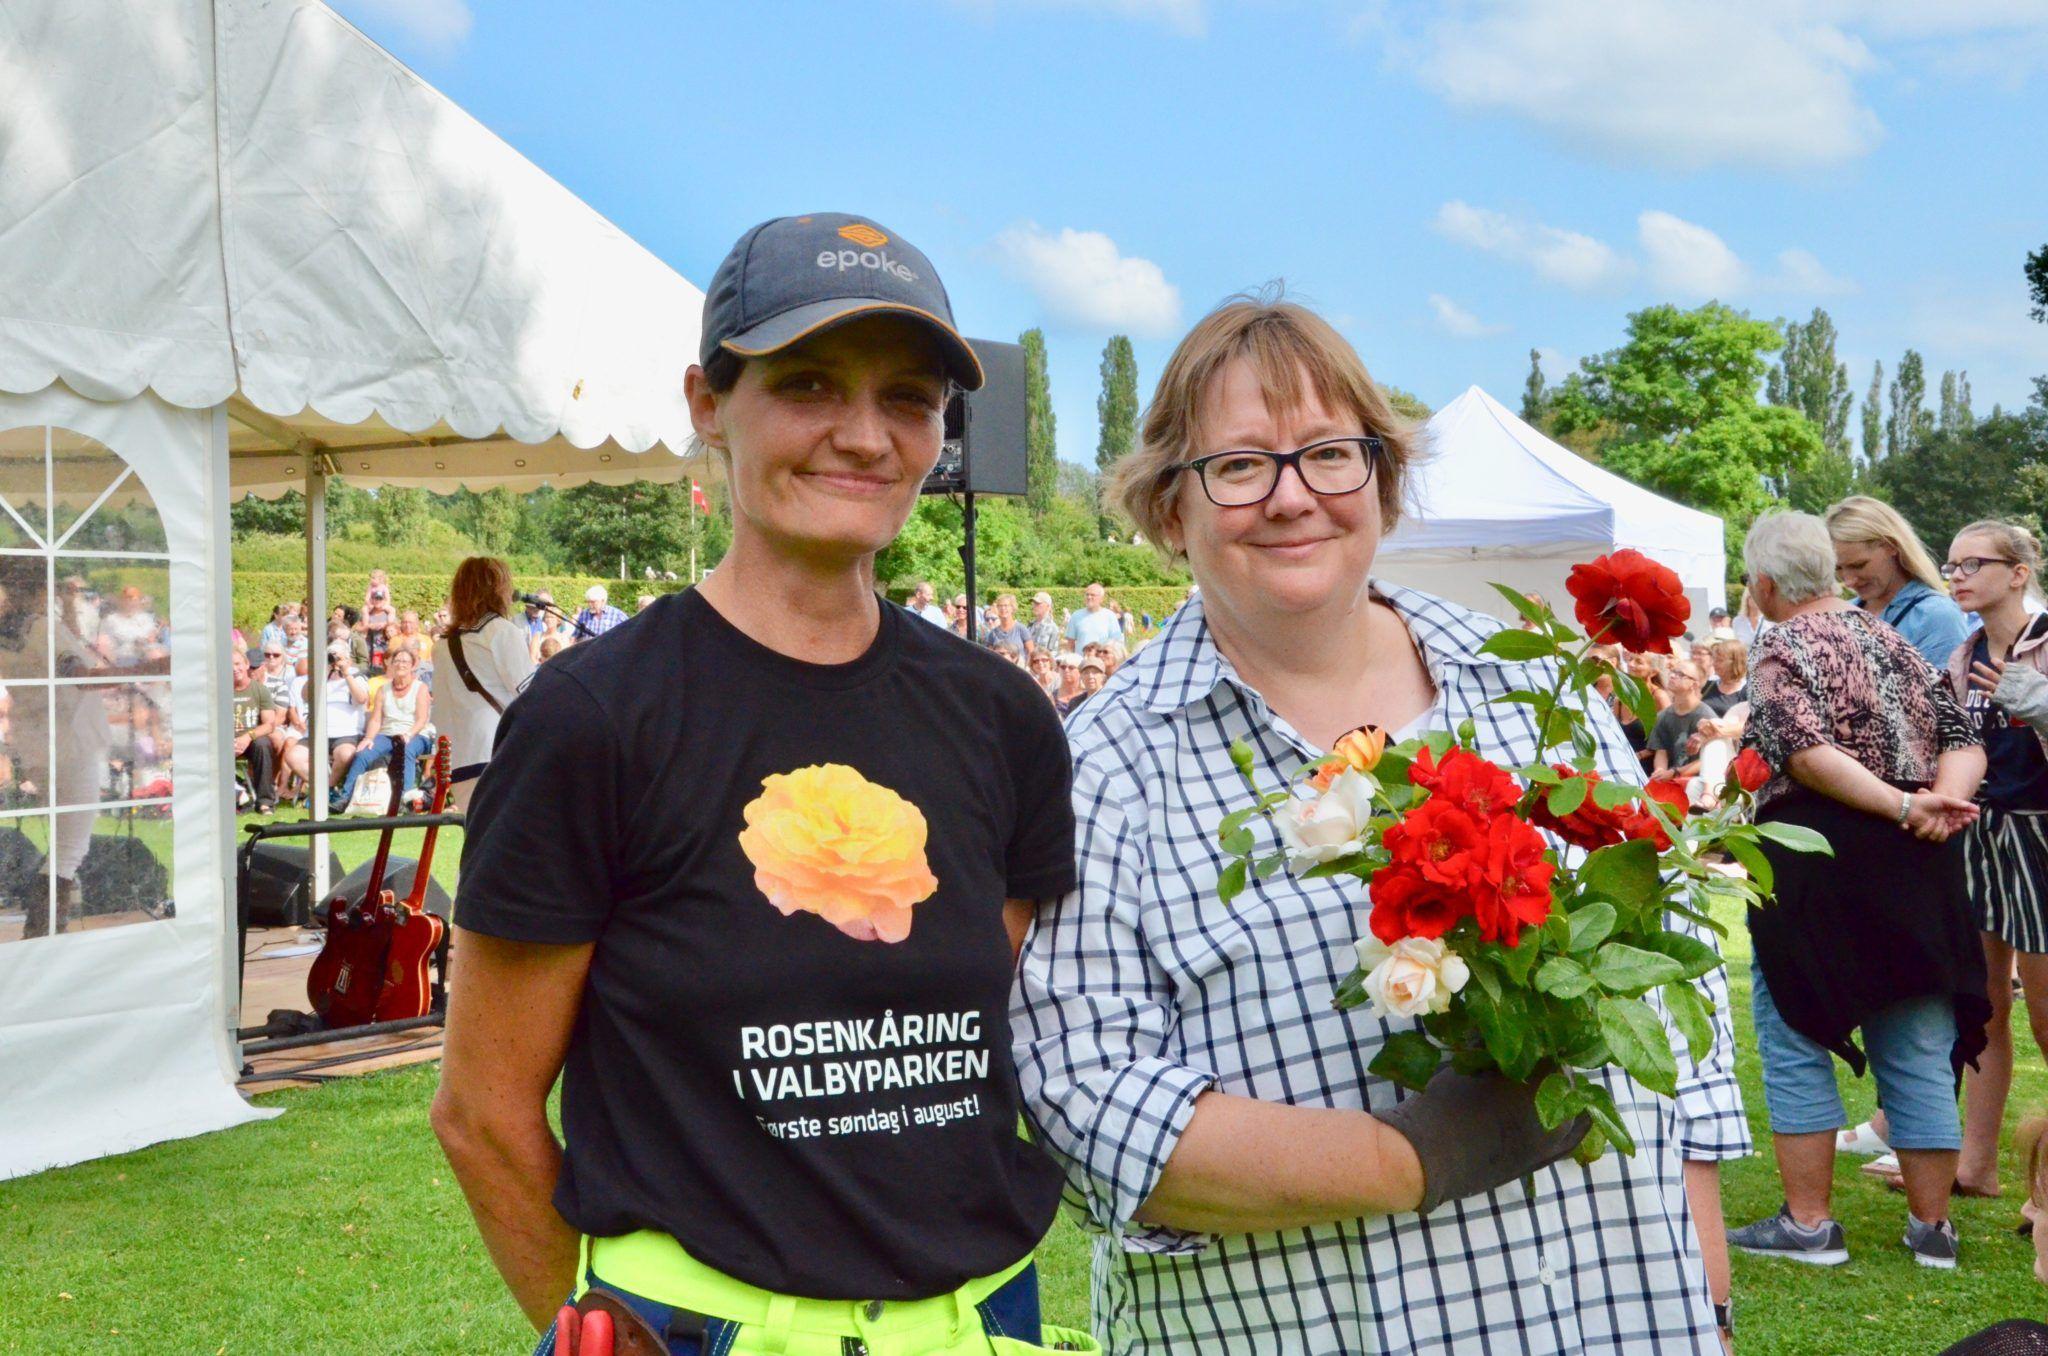 Dorthe og Nina Rosenkåring Valbyparken